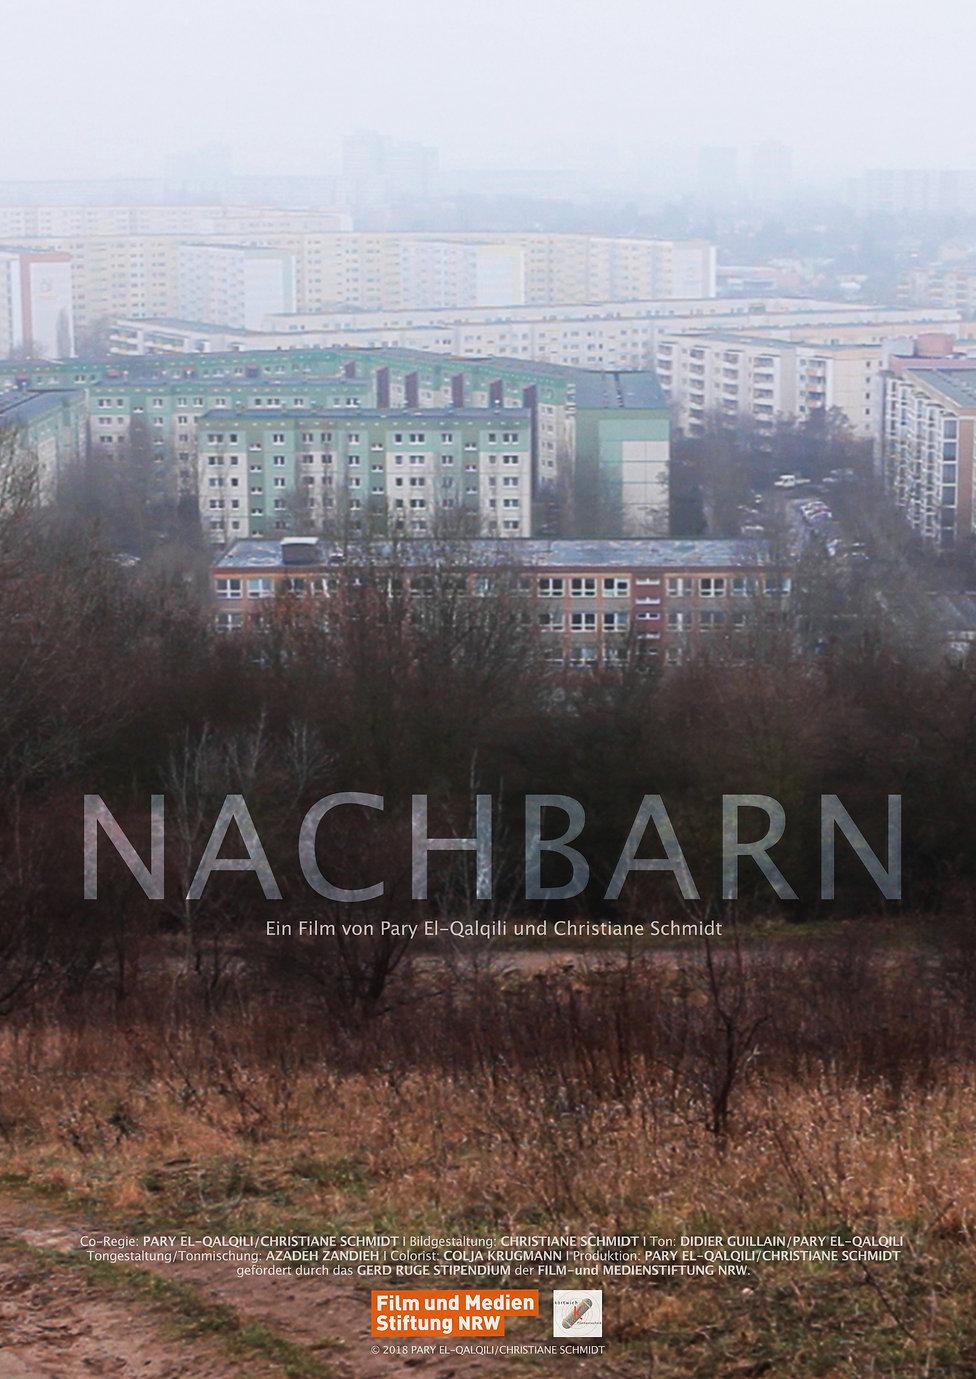 NACHBARN_mittel_HOCH_plakat_a1_mass-1.jp